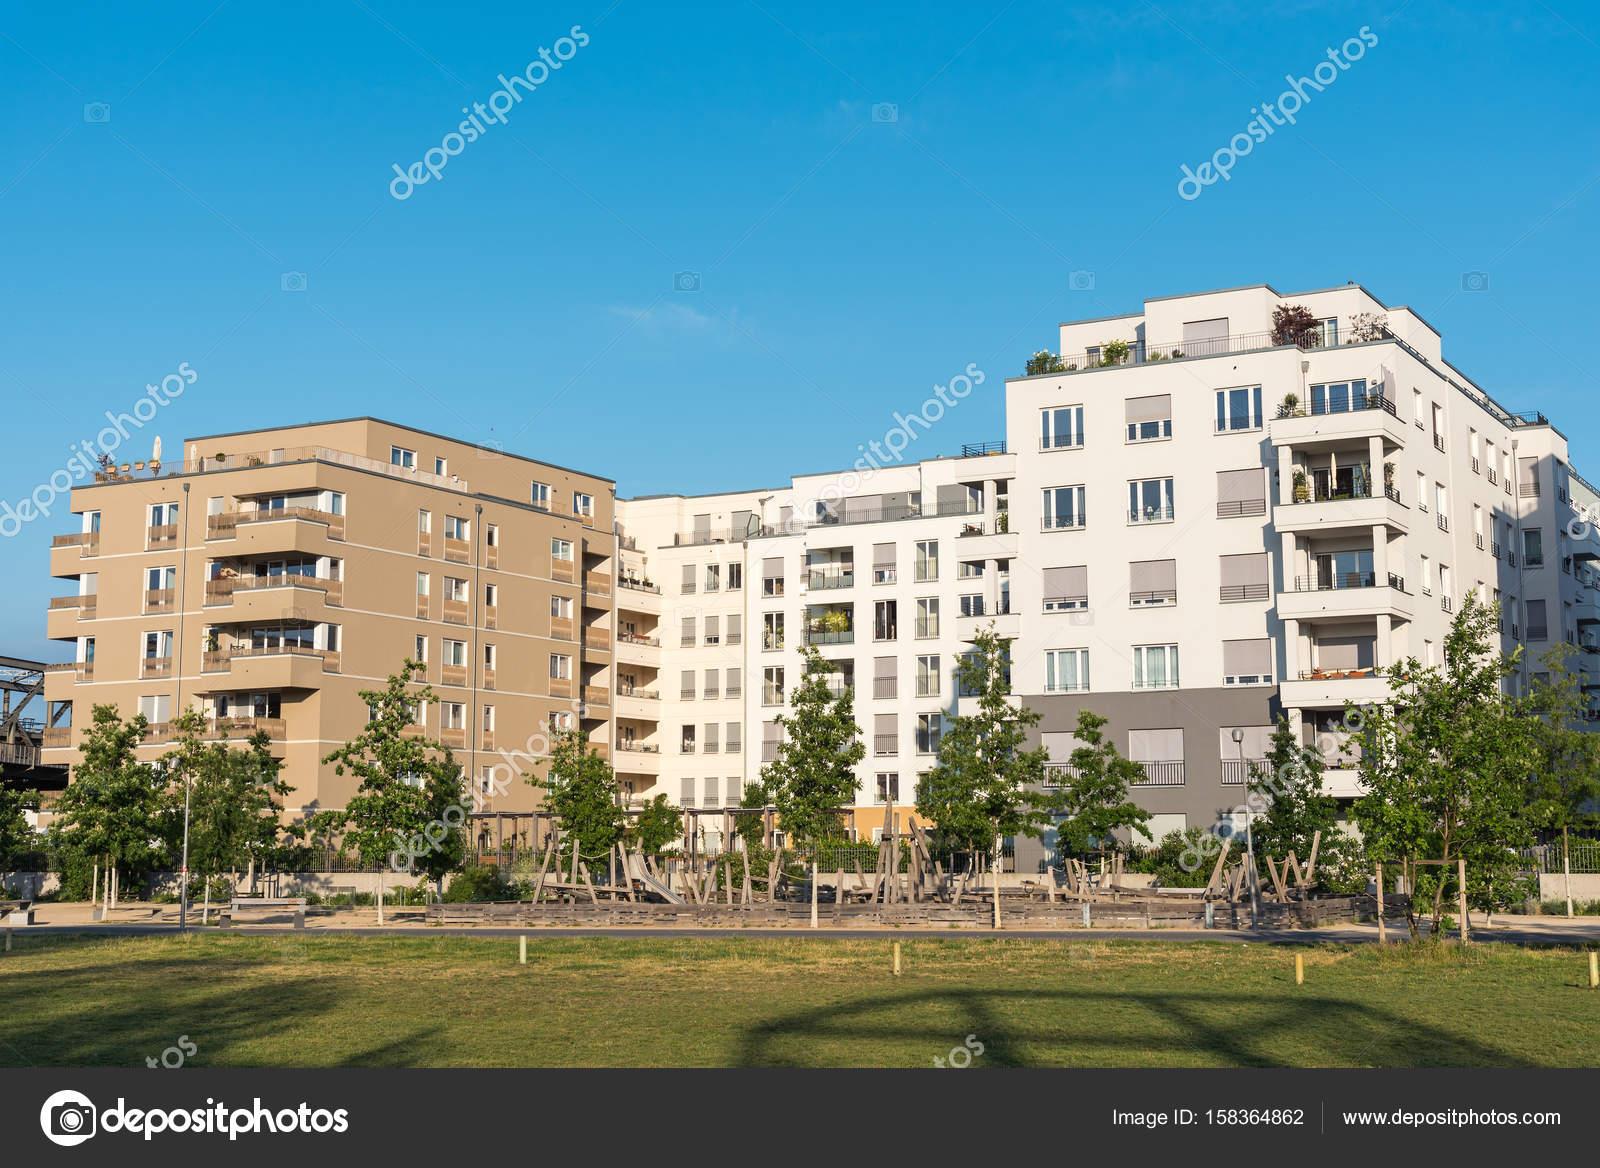 Neubaugebiet mit modernen Häusern — Stockfoto © elxeneize #158364862